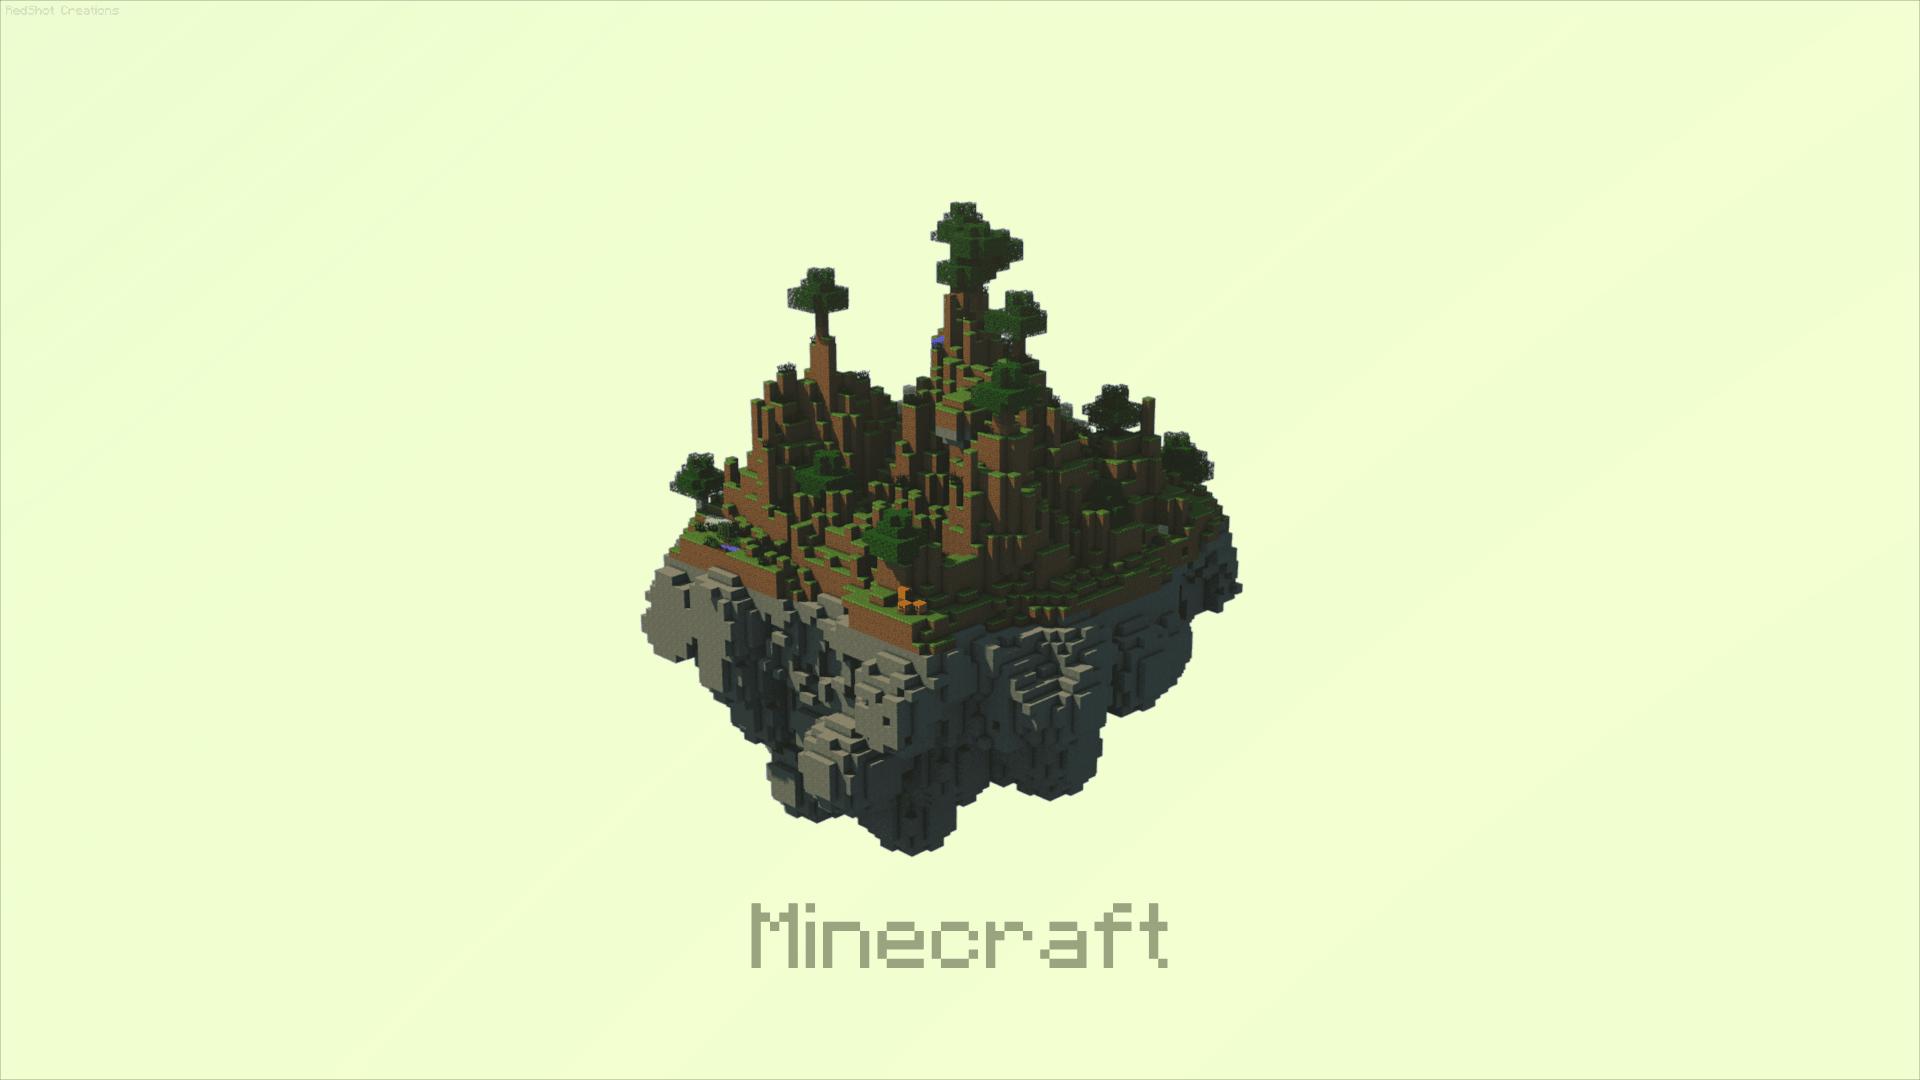 minecraft_wallpaper_by_redshotcreation-d7fdobu